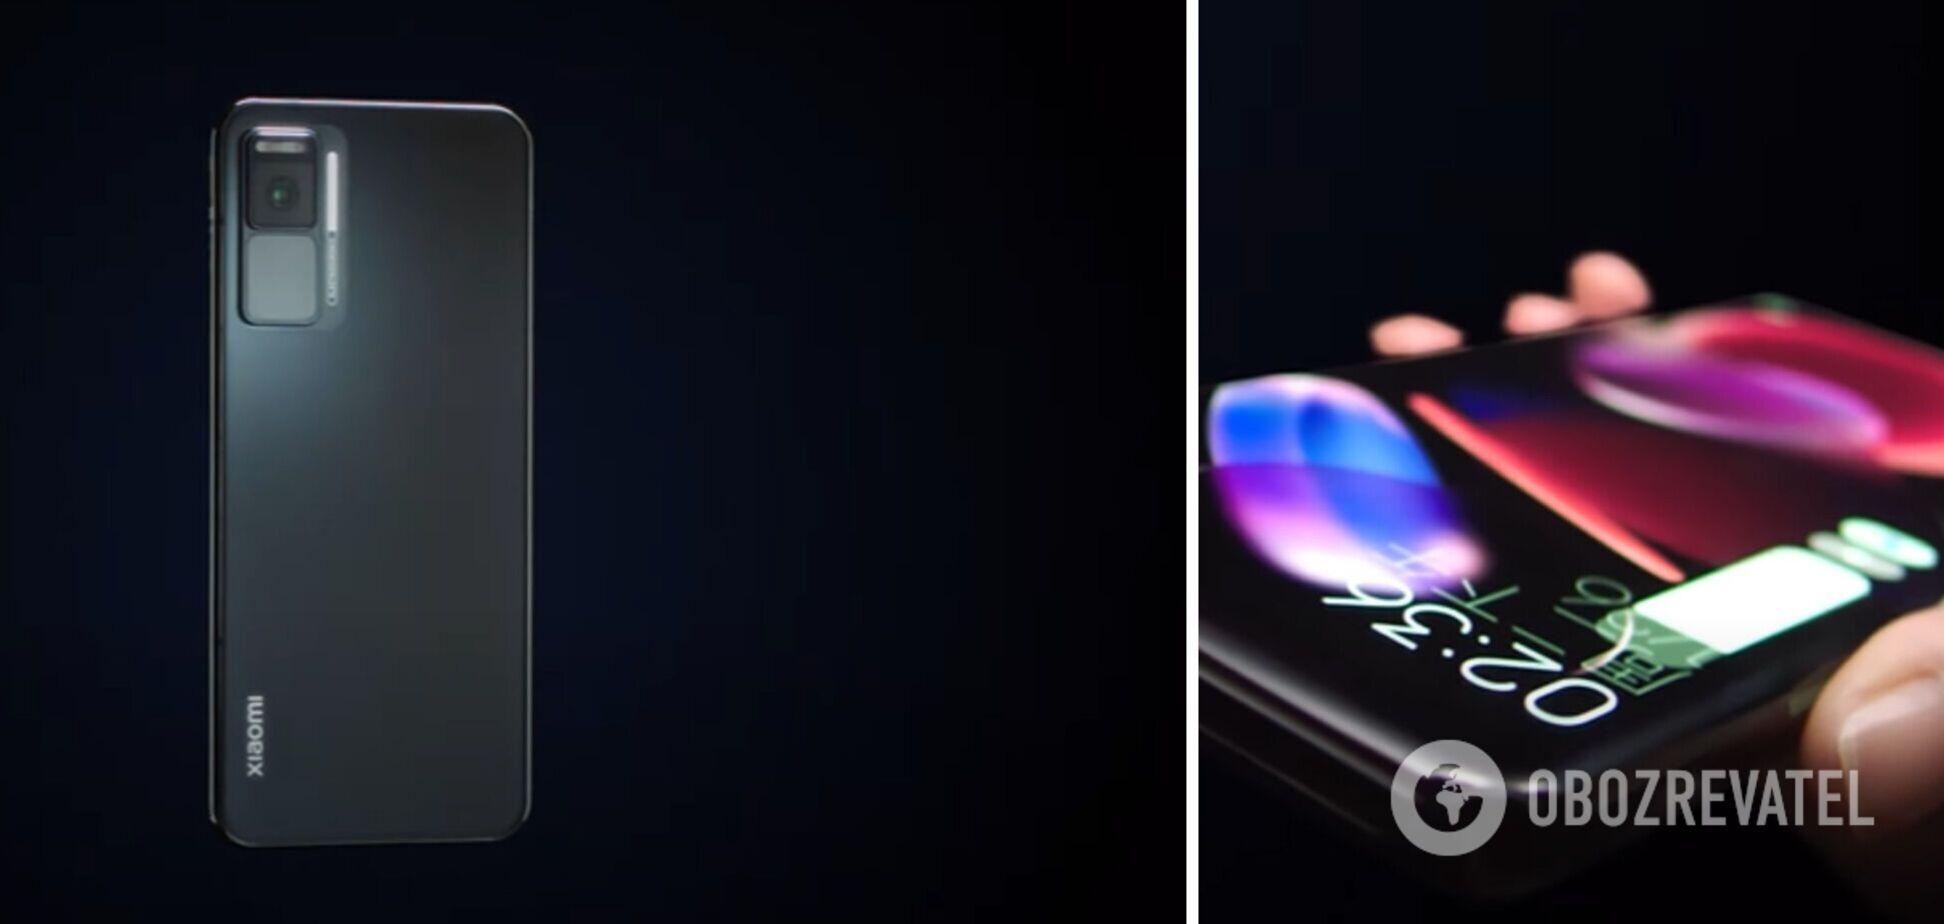 Показан безрамочный смартфон с 'бесконечным' экраном. Видео